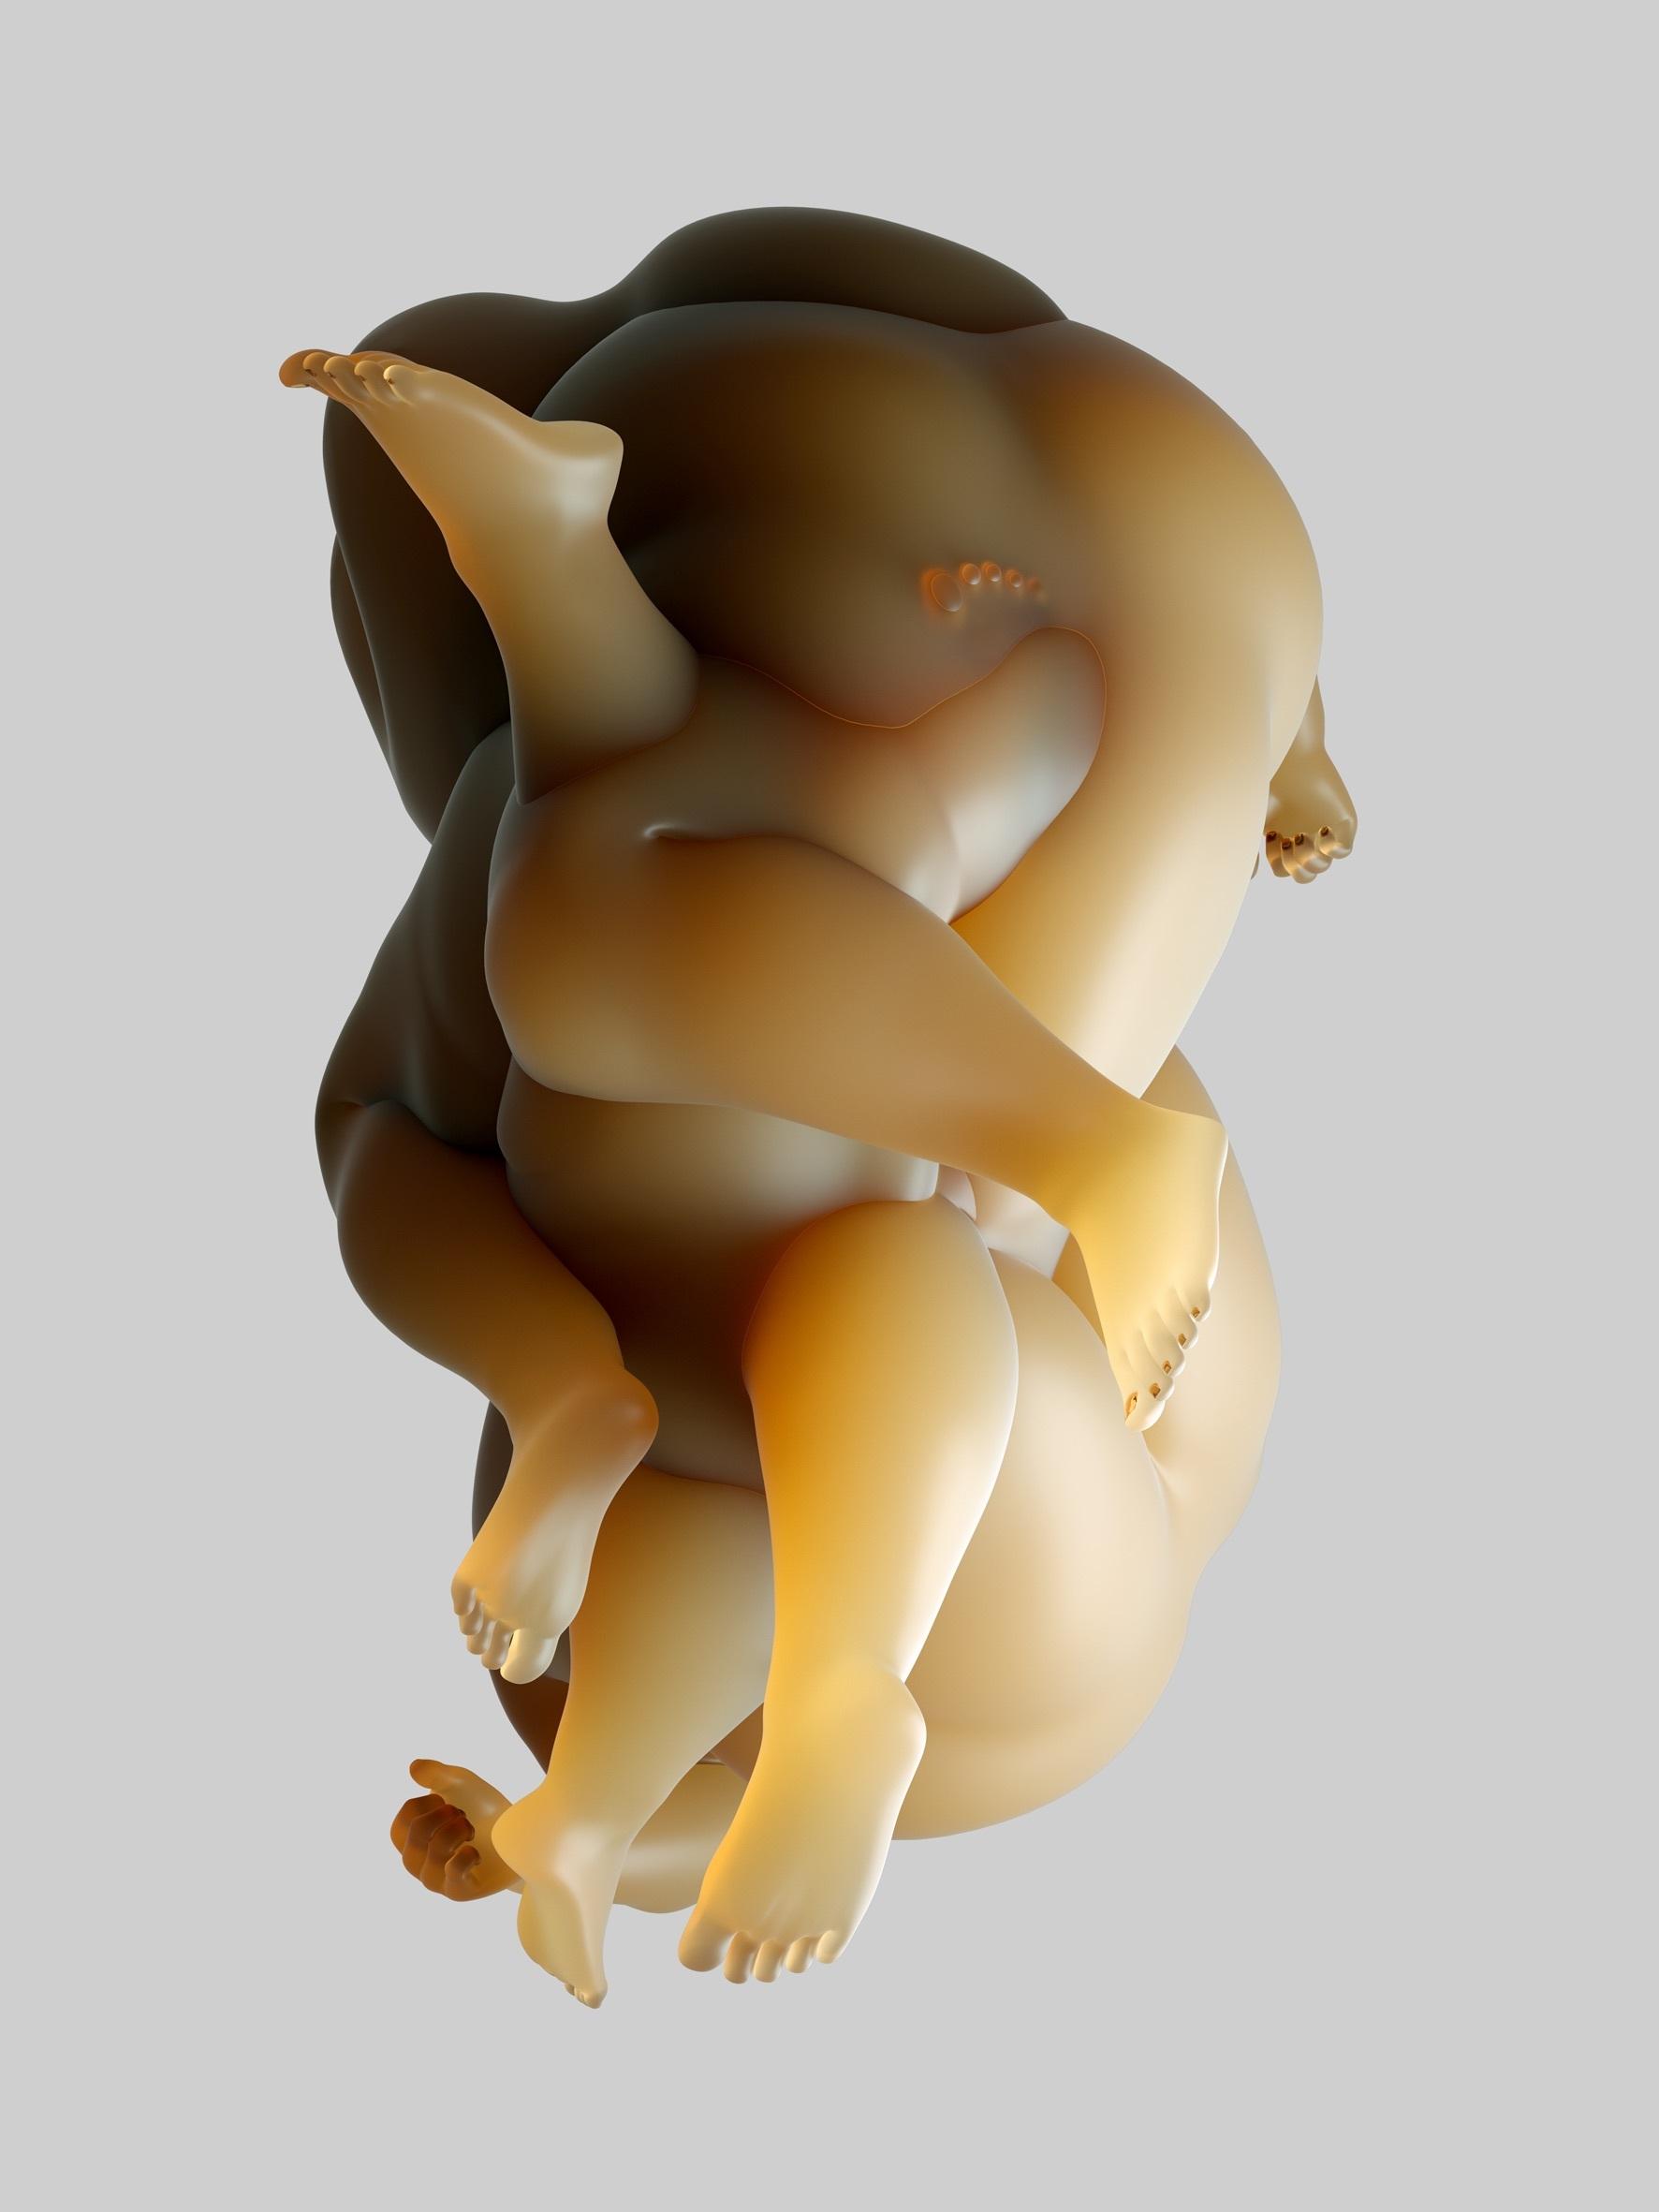 BI_160518_Nachwuchs0616_Doerre_Skulptur_1